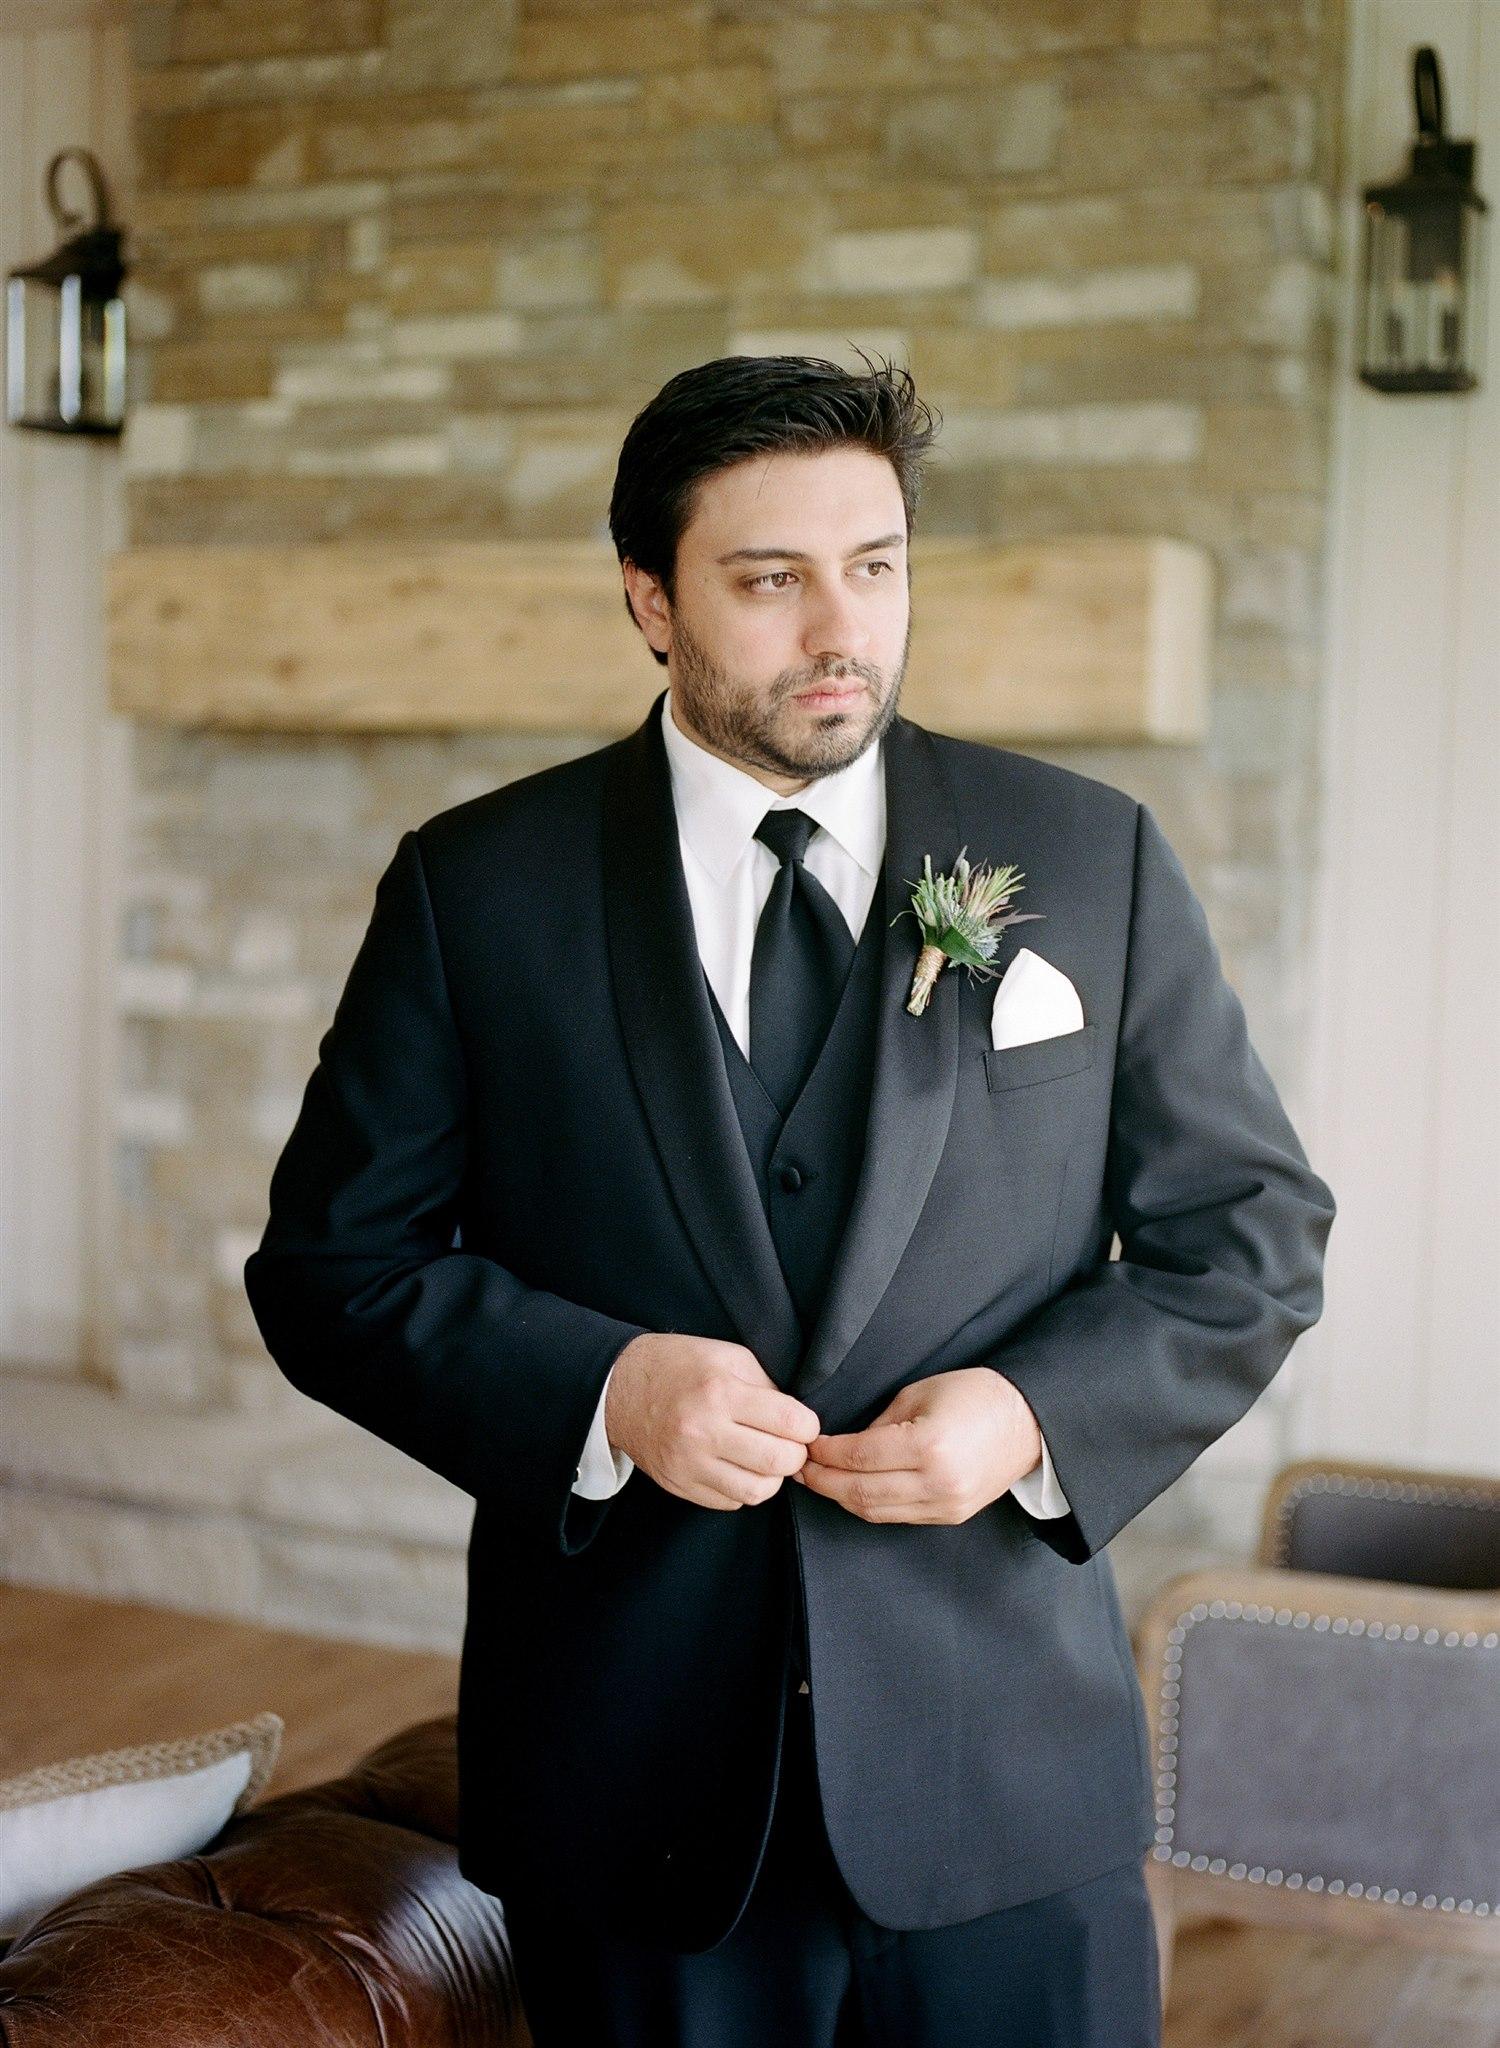 heidi_michael_wedding_0054.jpg